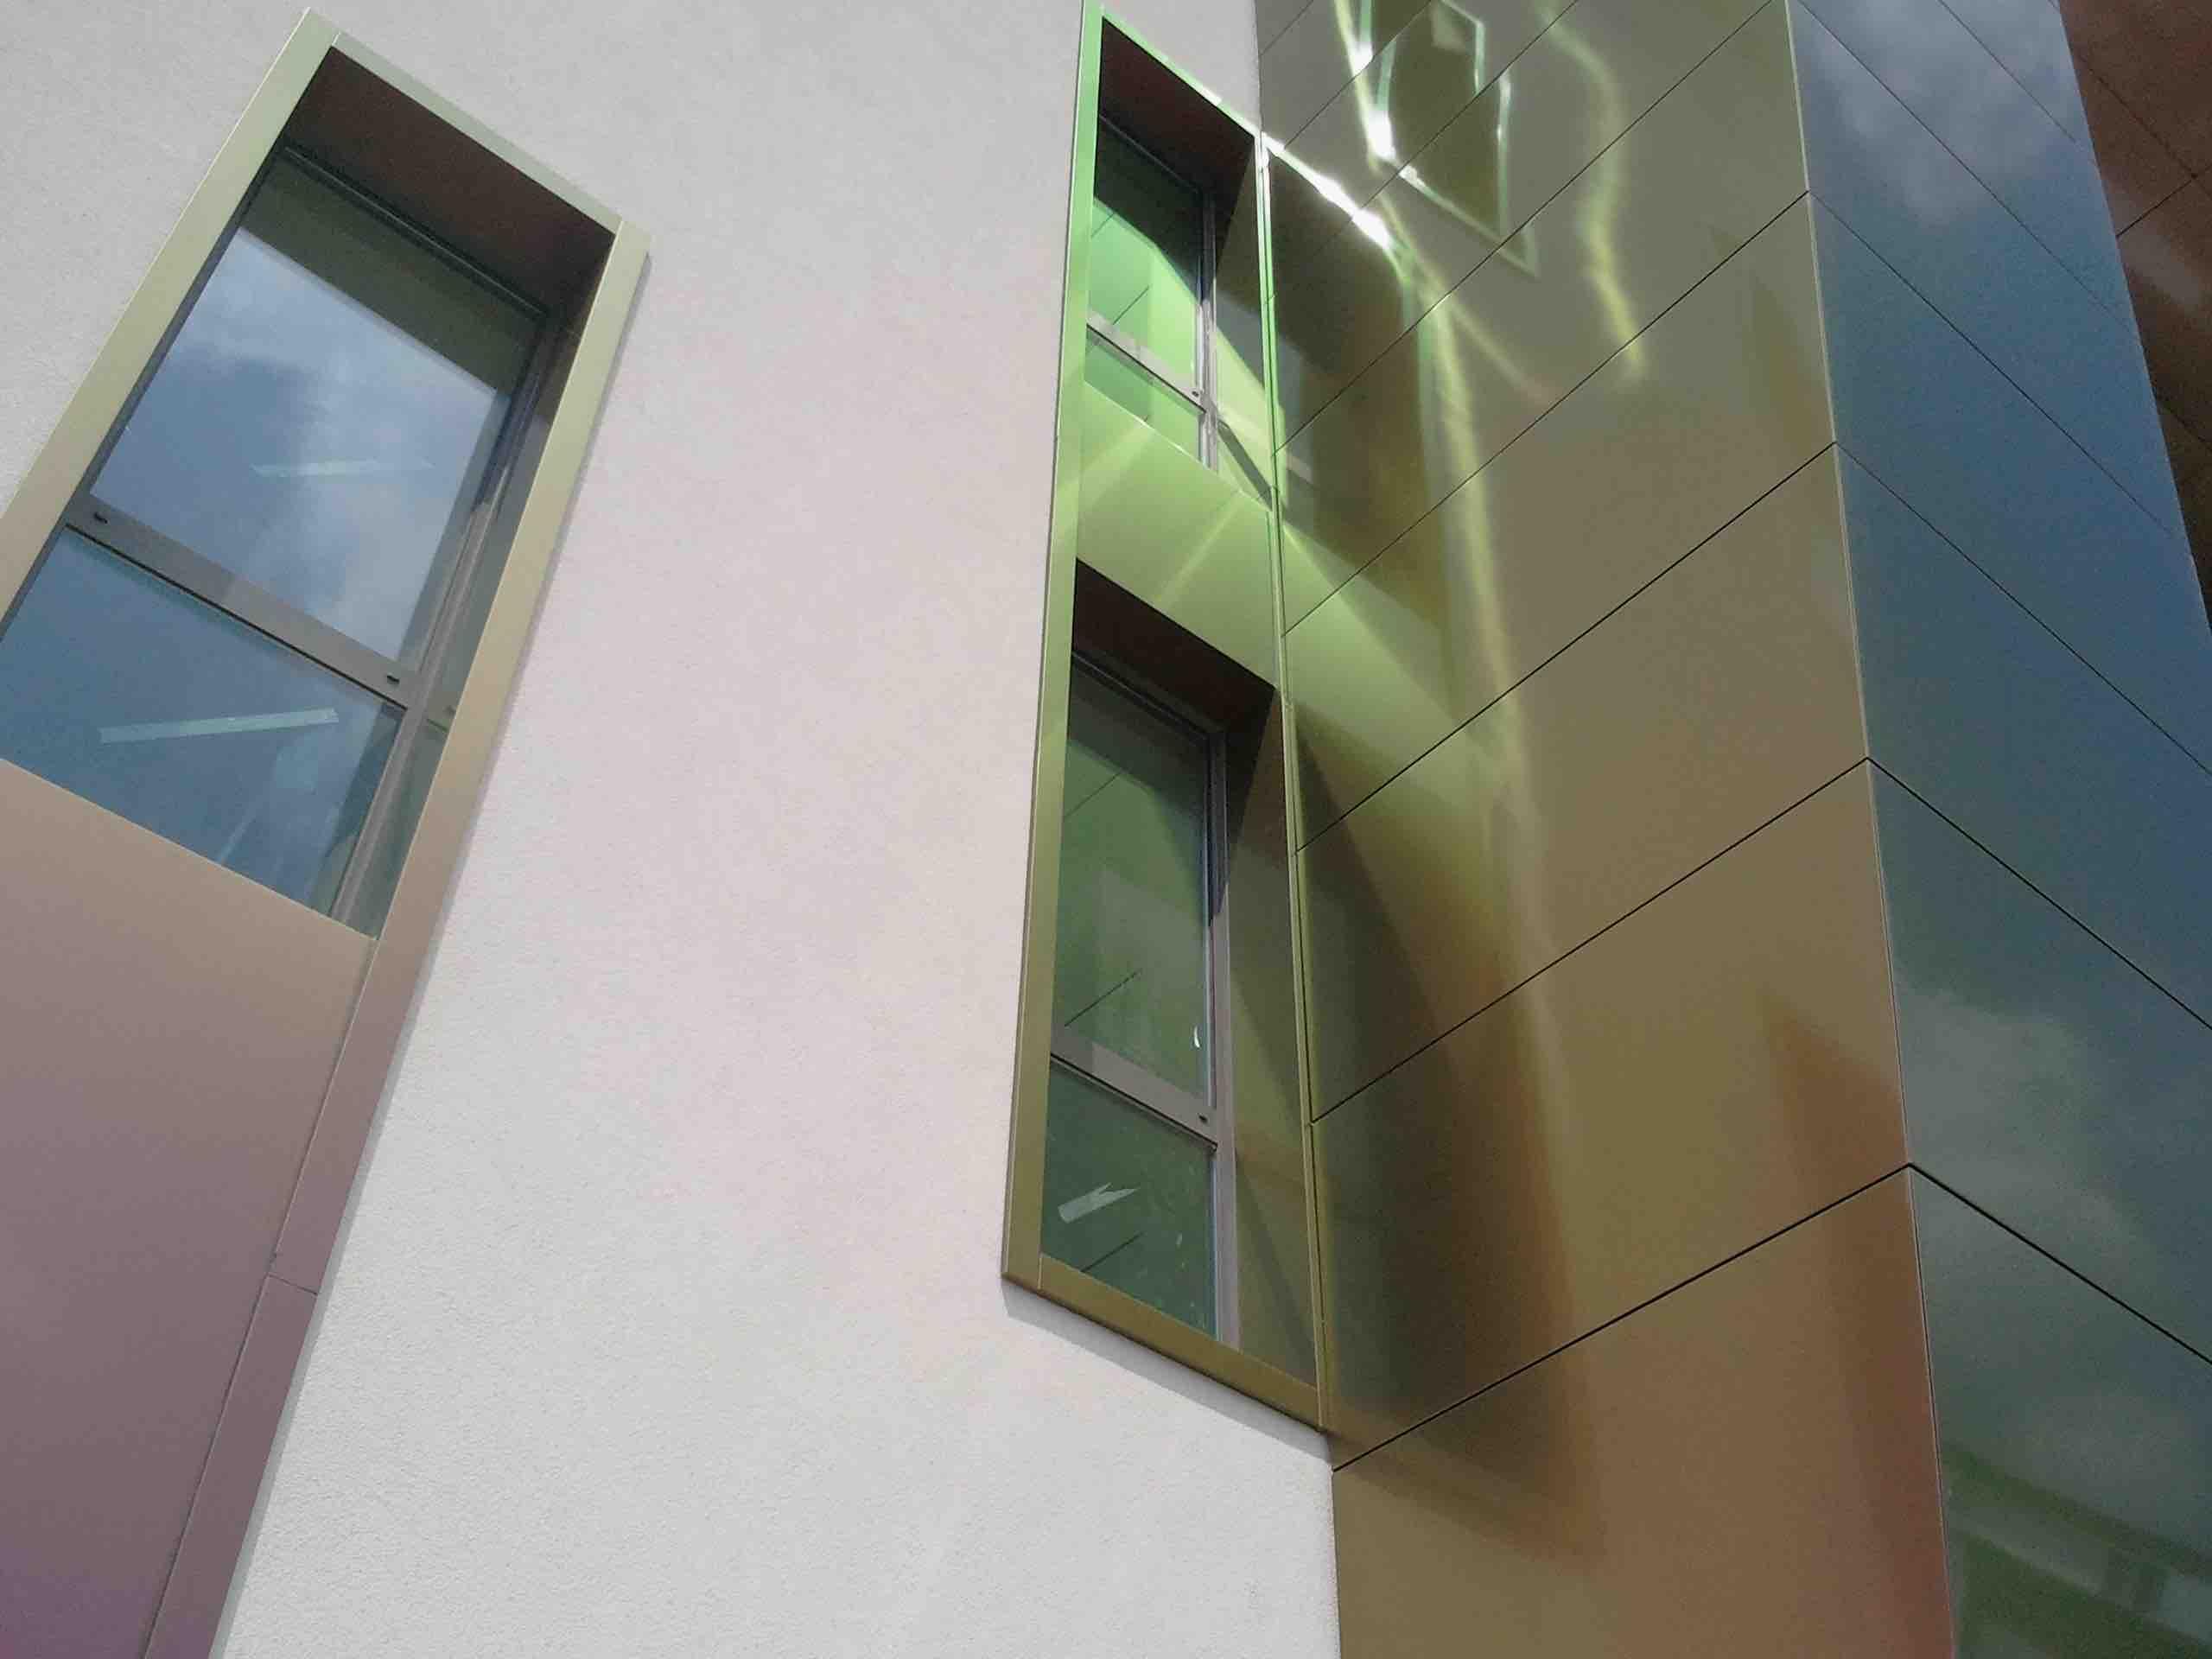 3 facciata ventilata in alucobond